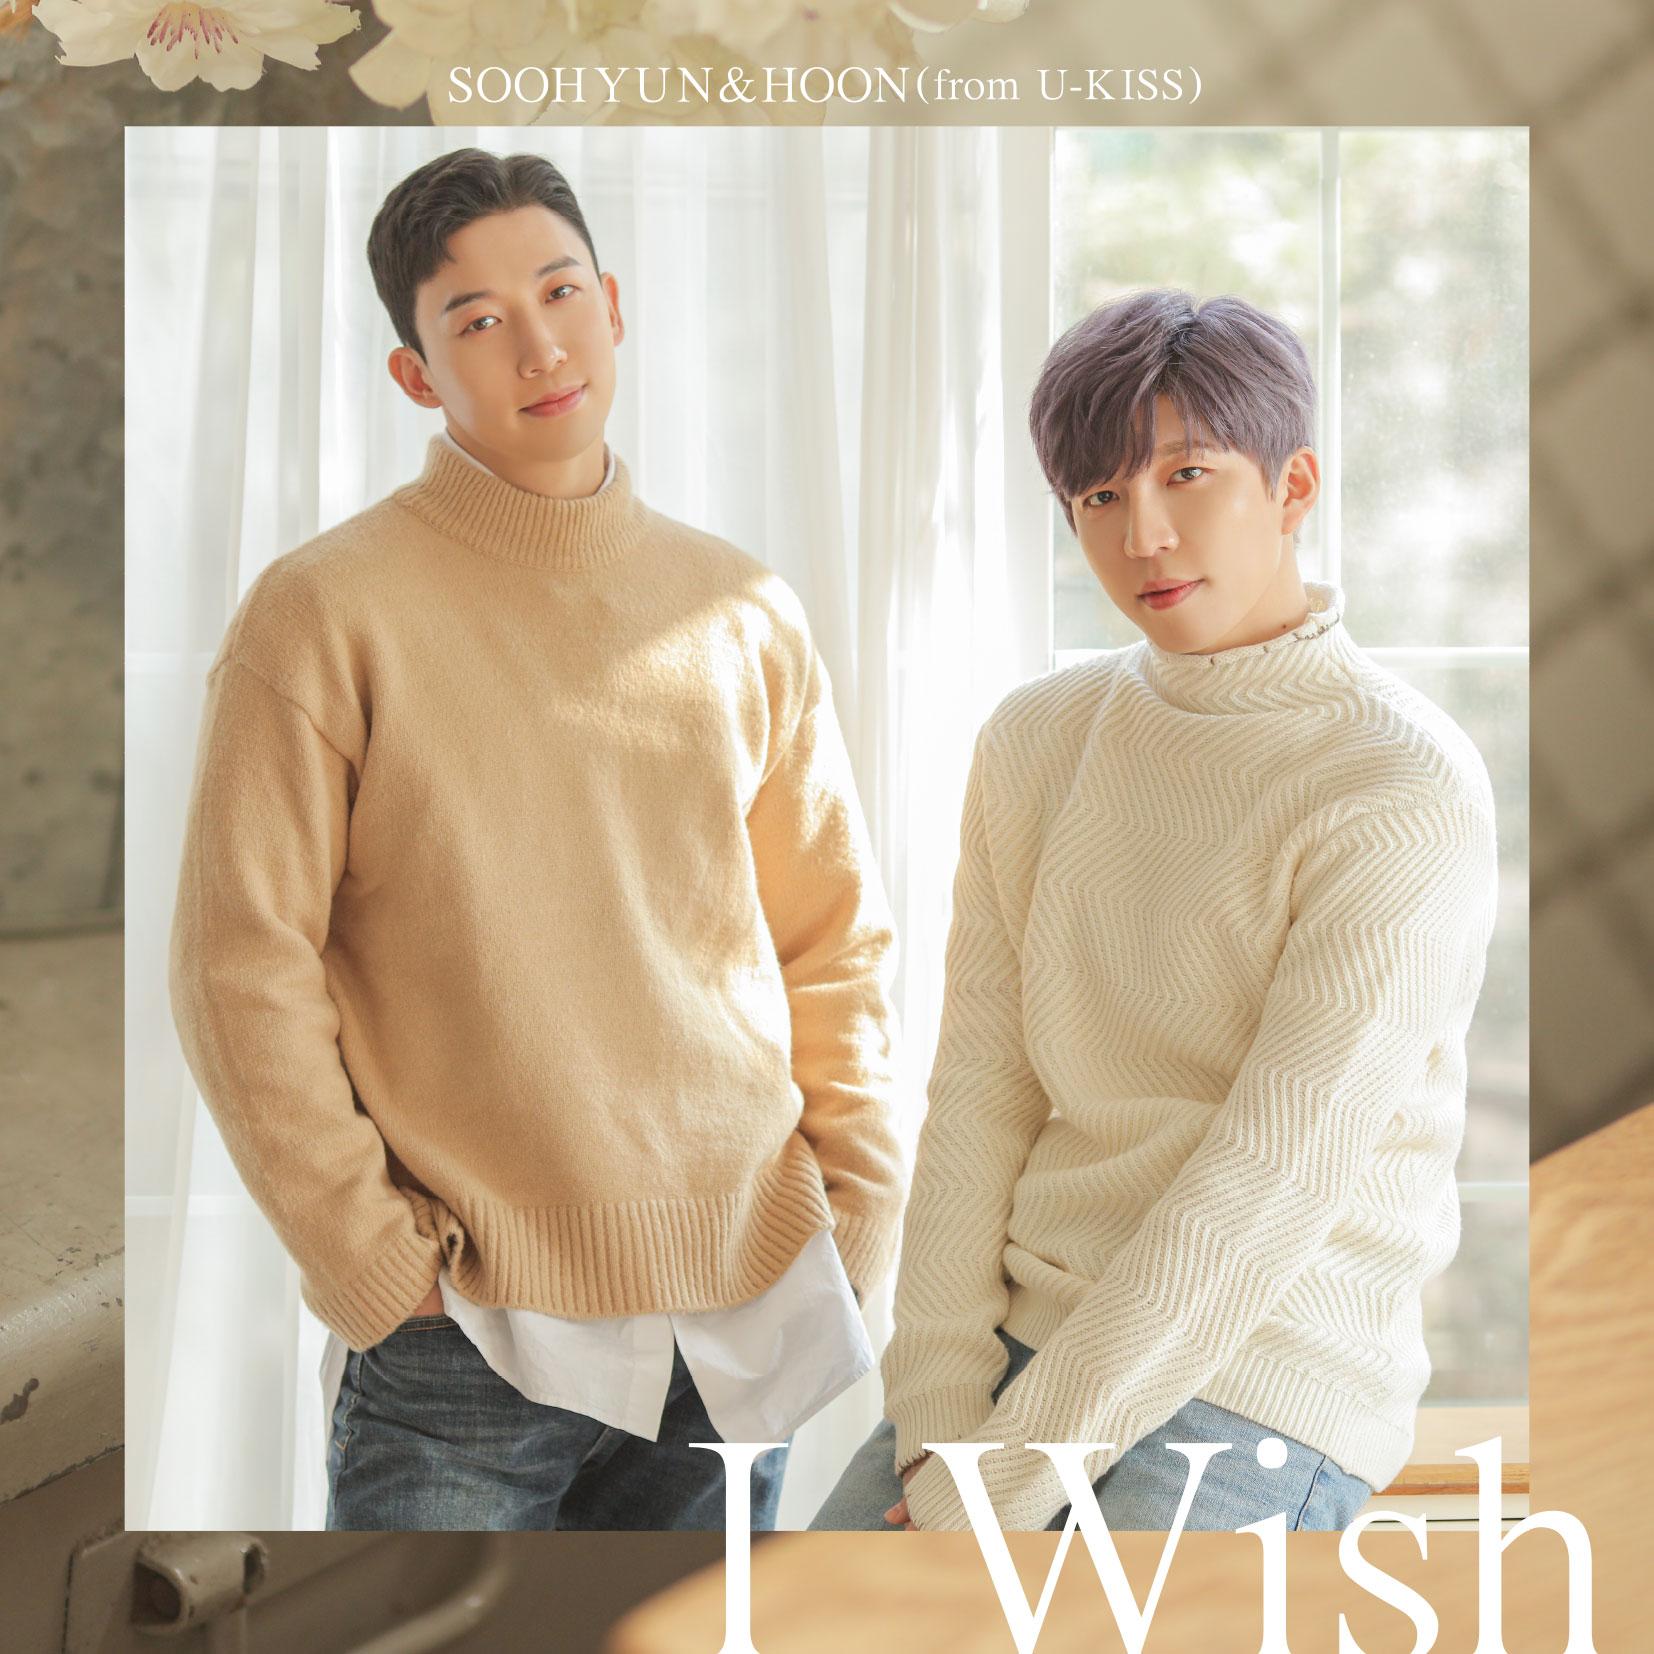 『I Wish』